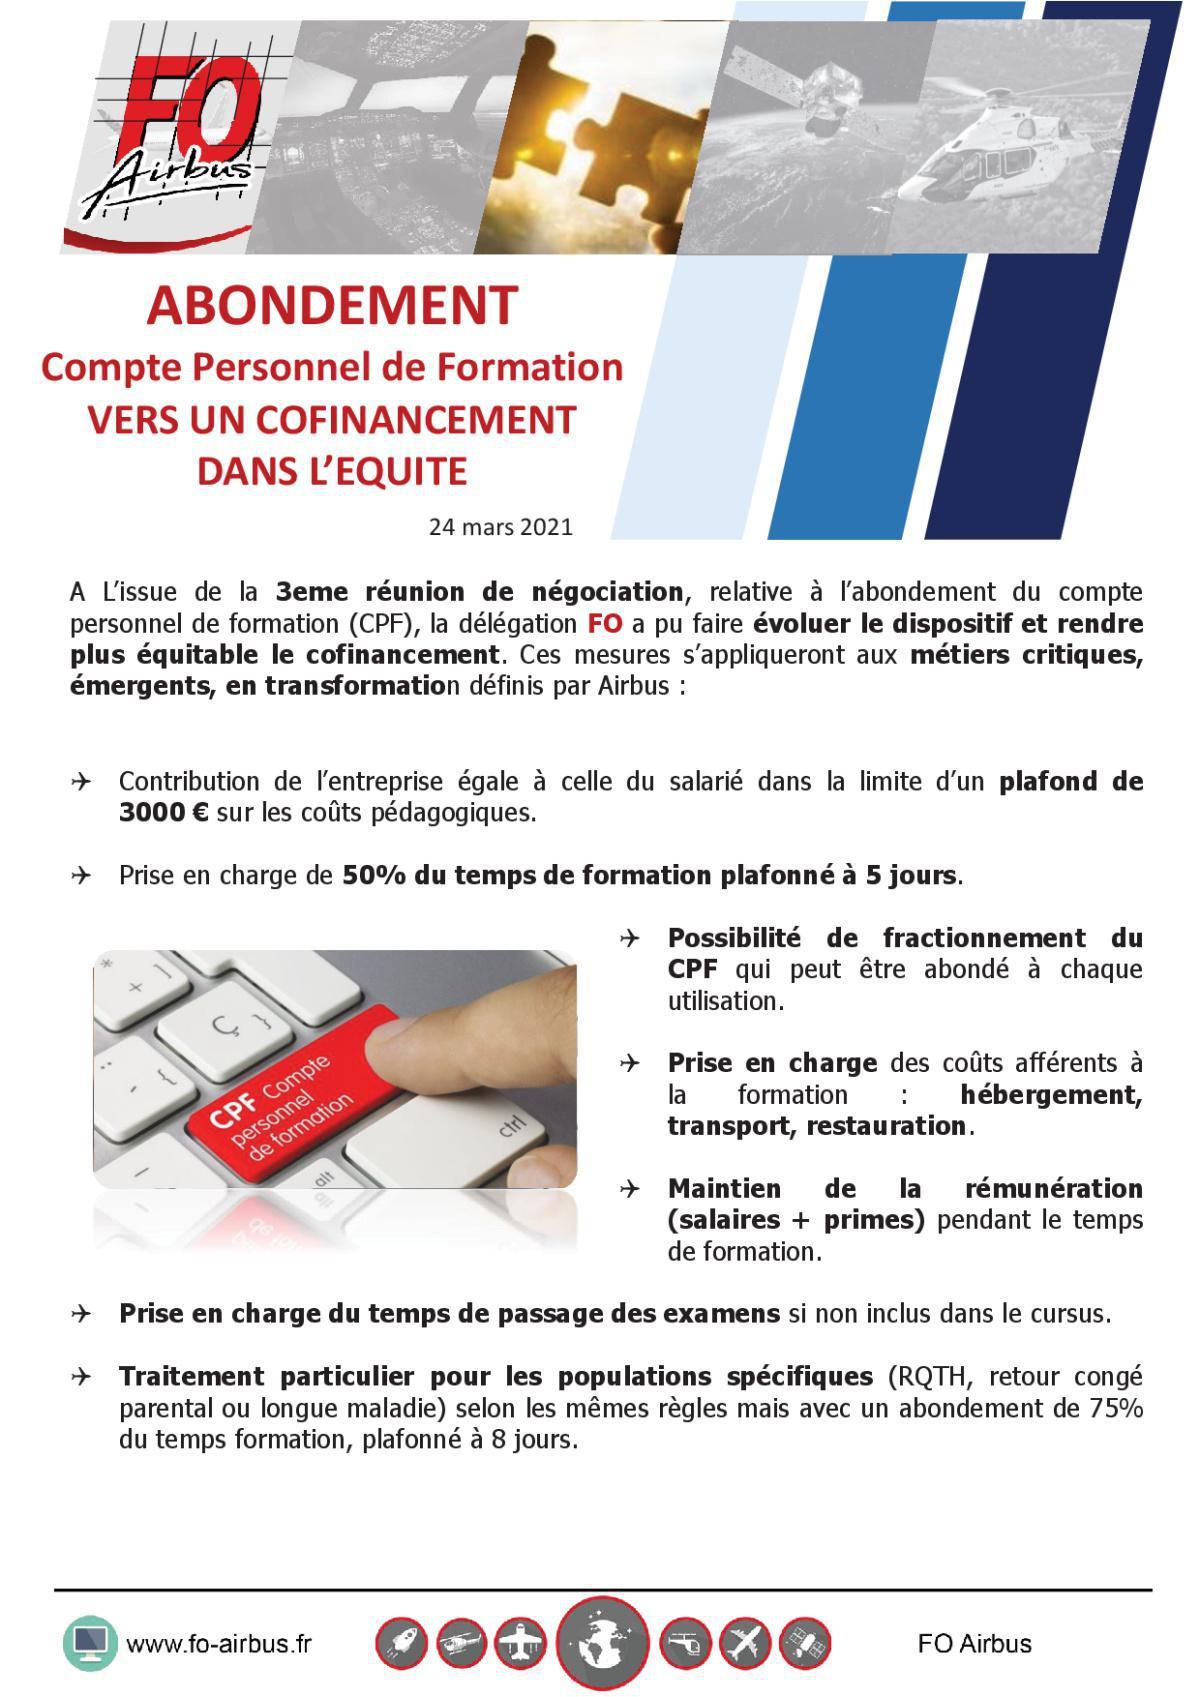 Compte Personnel de Formation (CPF) – 3ème Réunion - Abondement